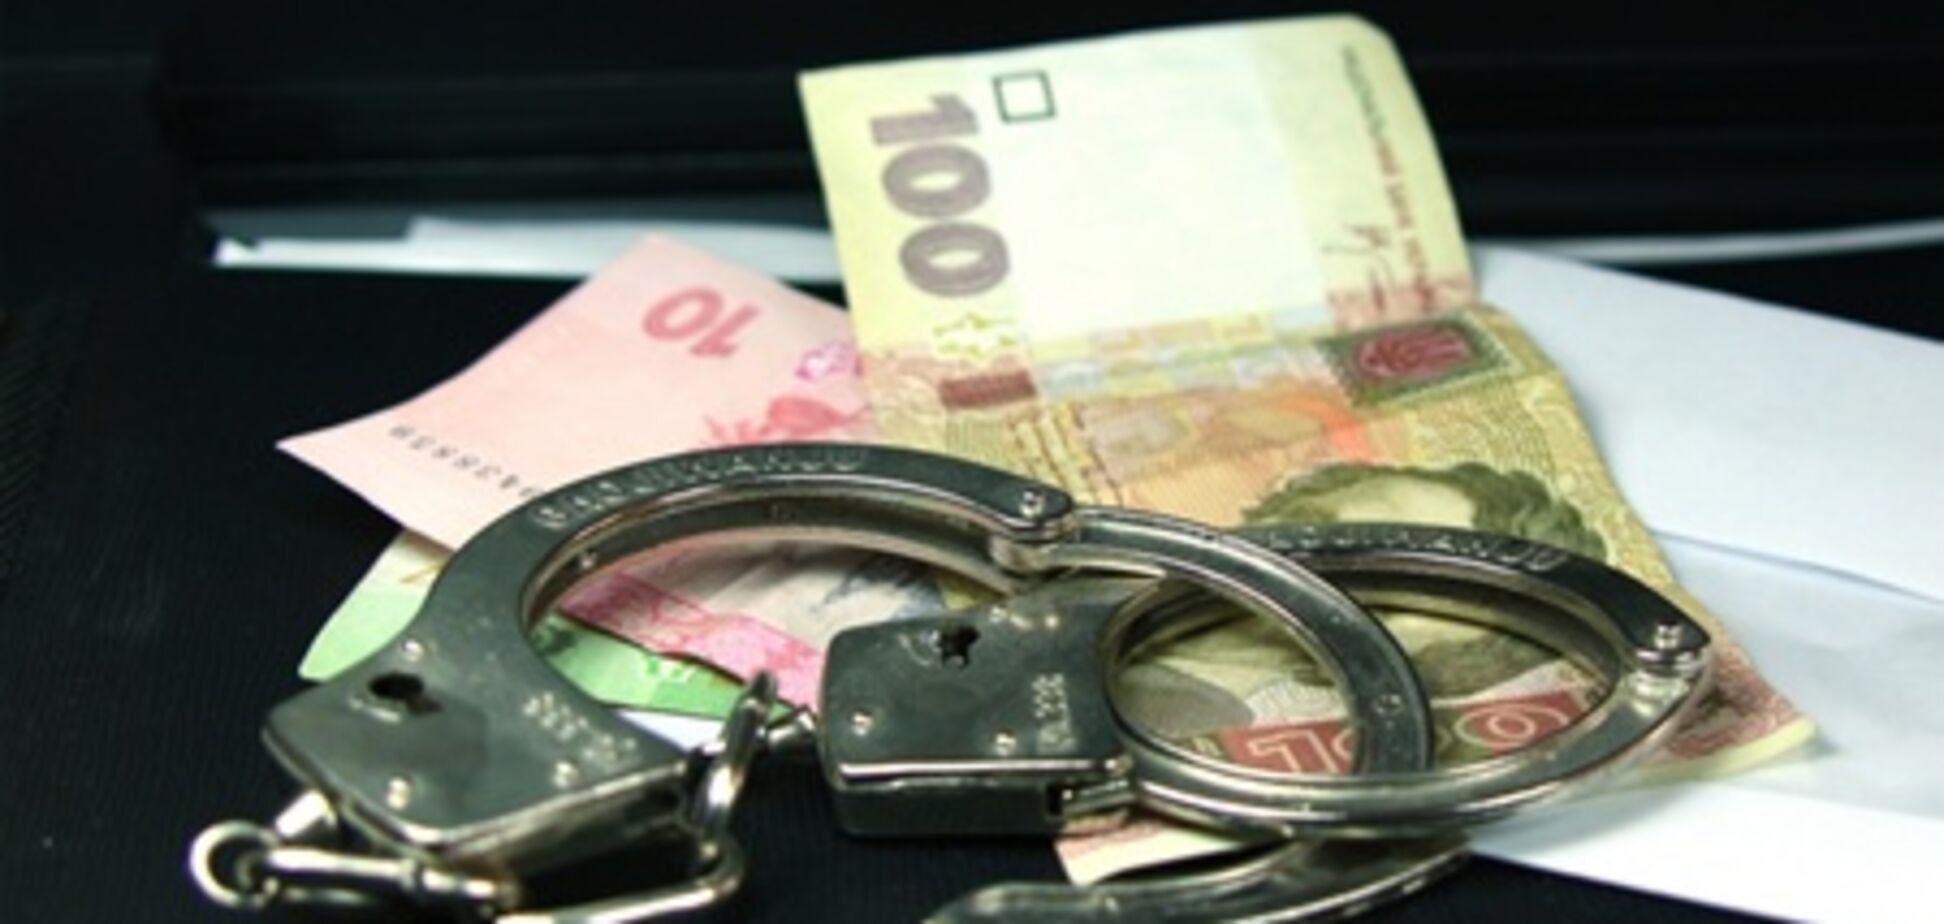 Чиновник 'обчистив' Пенсійний фонд майже на 200 тисяч гривень